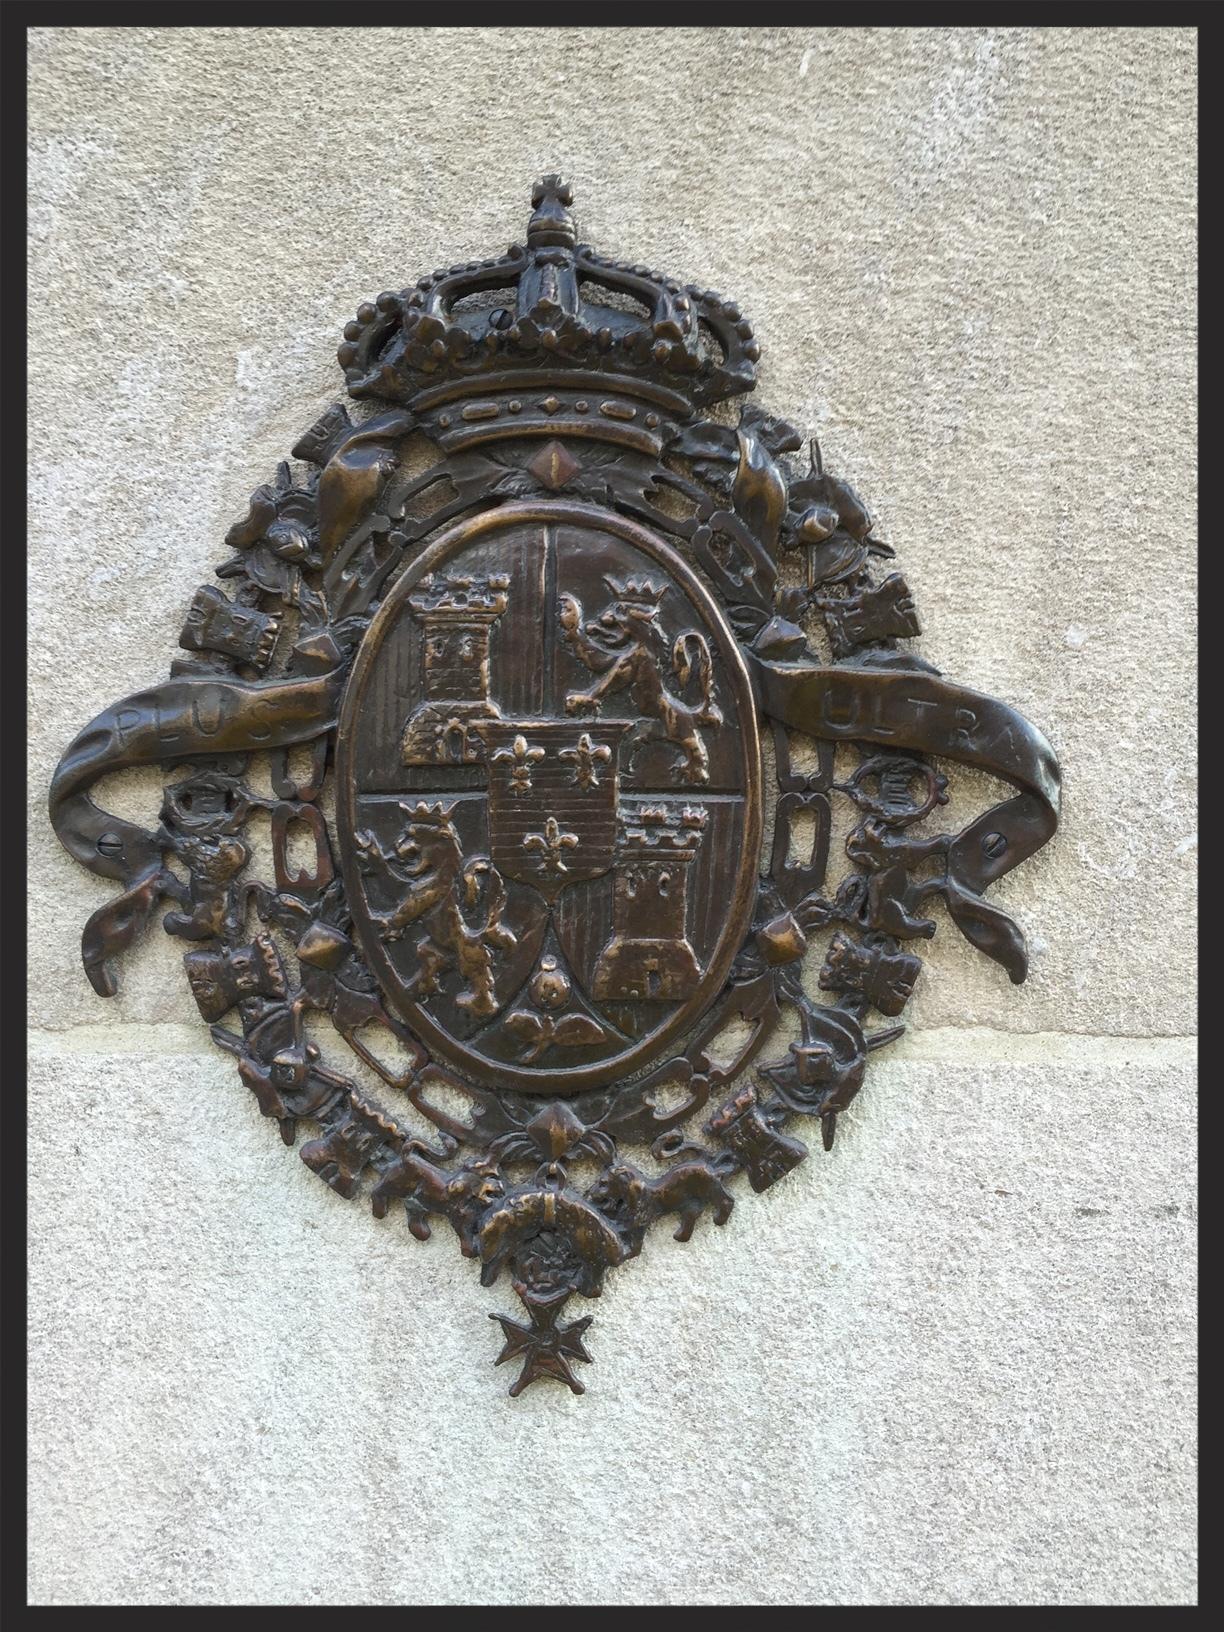 Spanish Coat-of-Arms outside of the Mayflower Hotel, Washington, DC